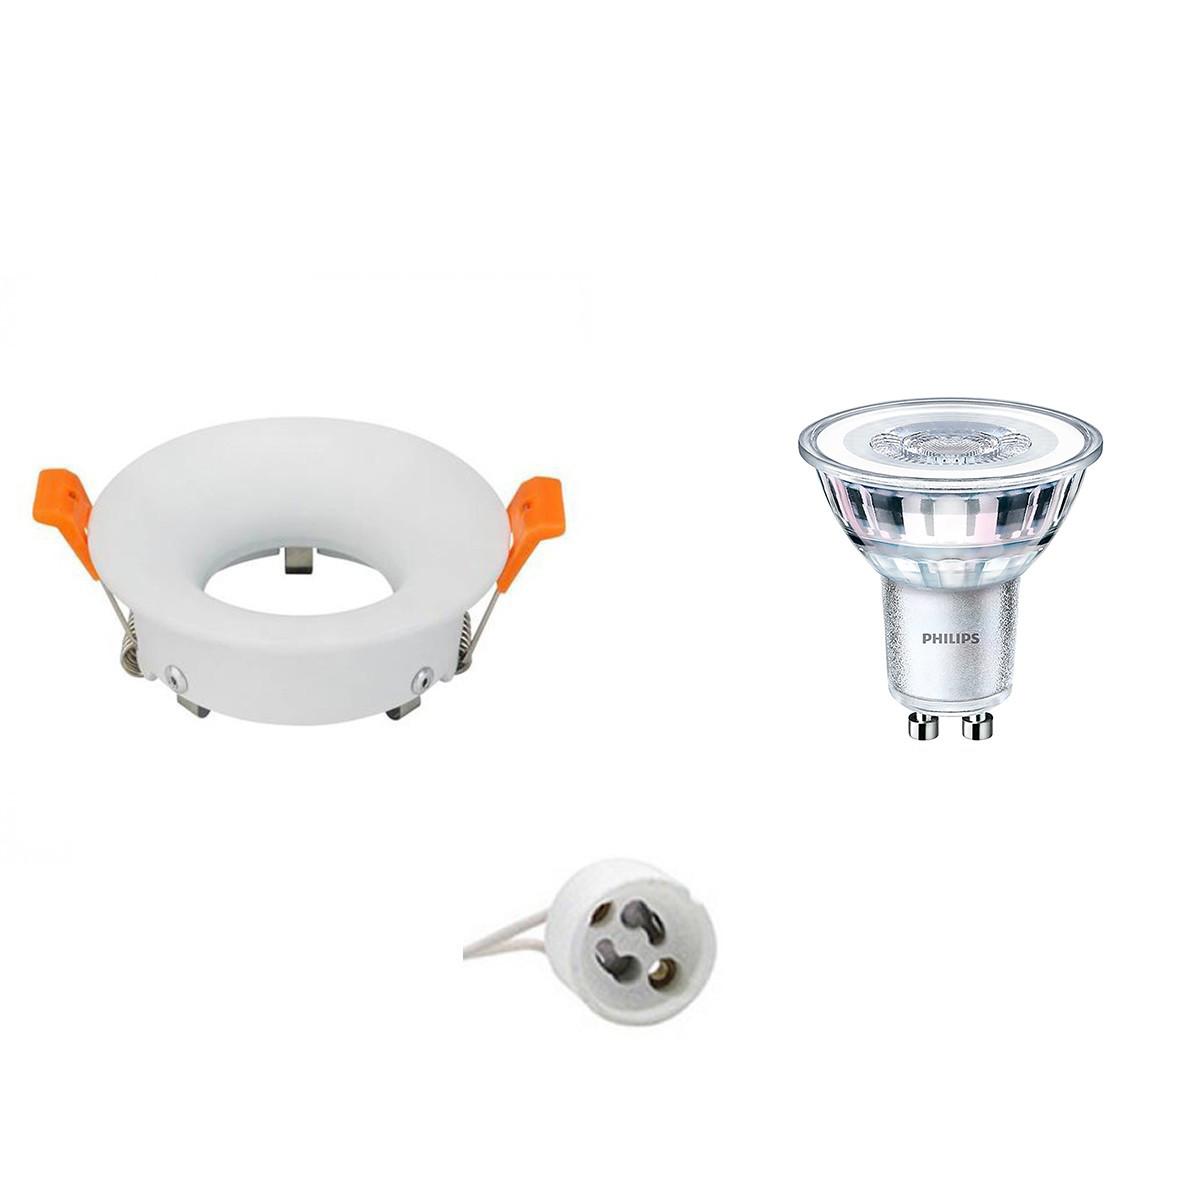 PHILIPS - LED Spot Set - CorePro 827 36D - GU10 Fitting - Dimbaar - Inbouw Rond - Mat Wit - 4W - War